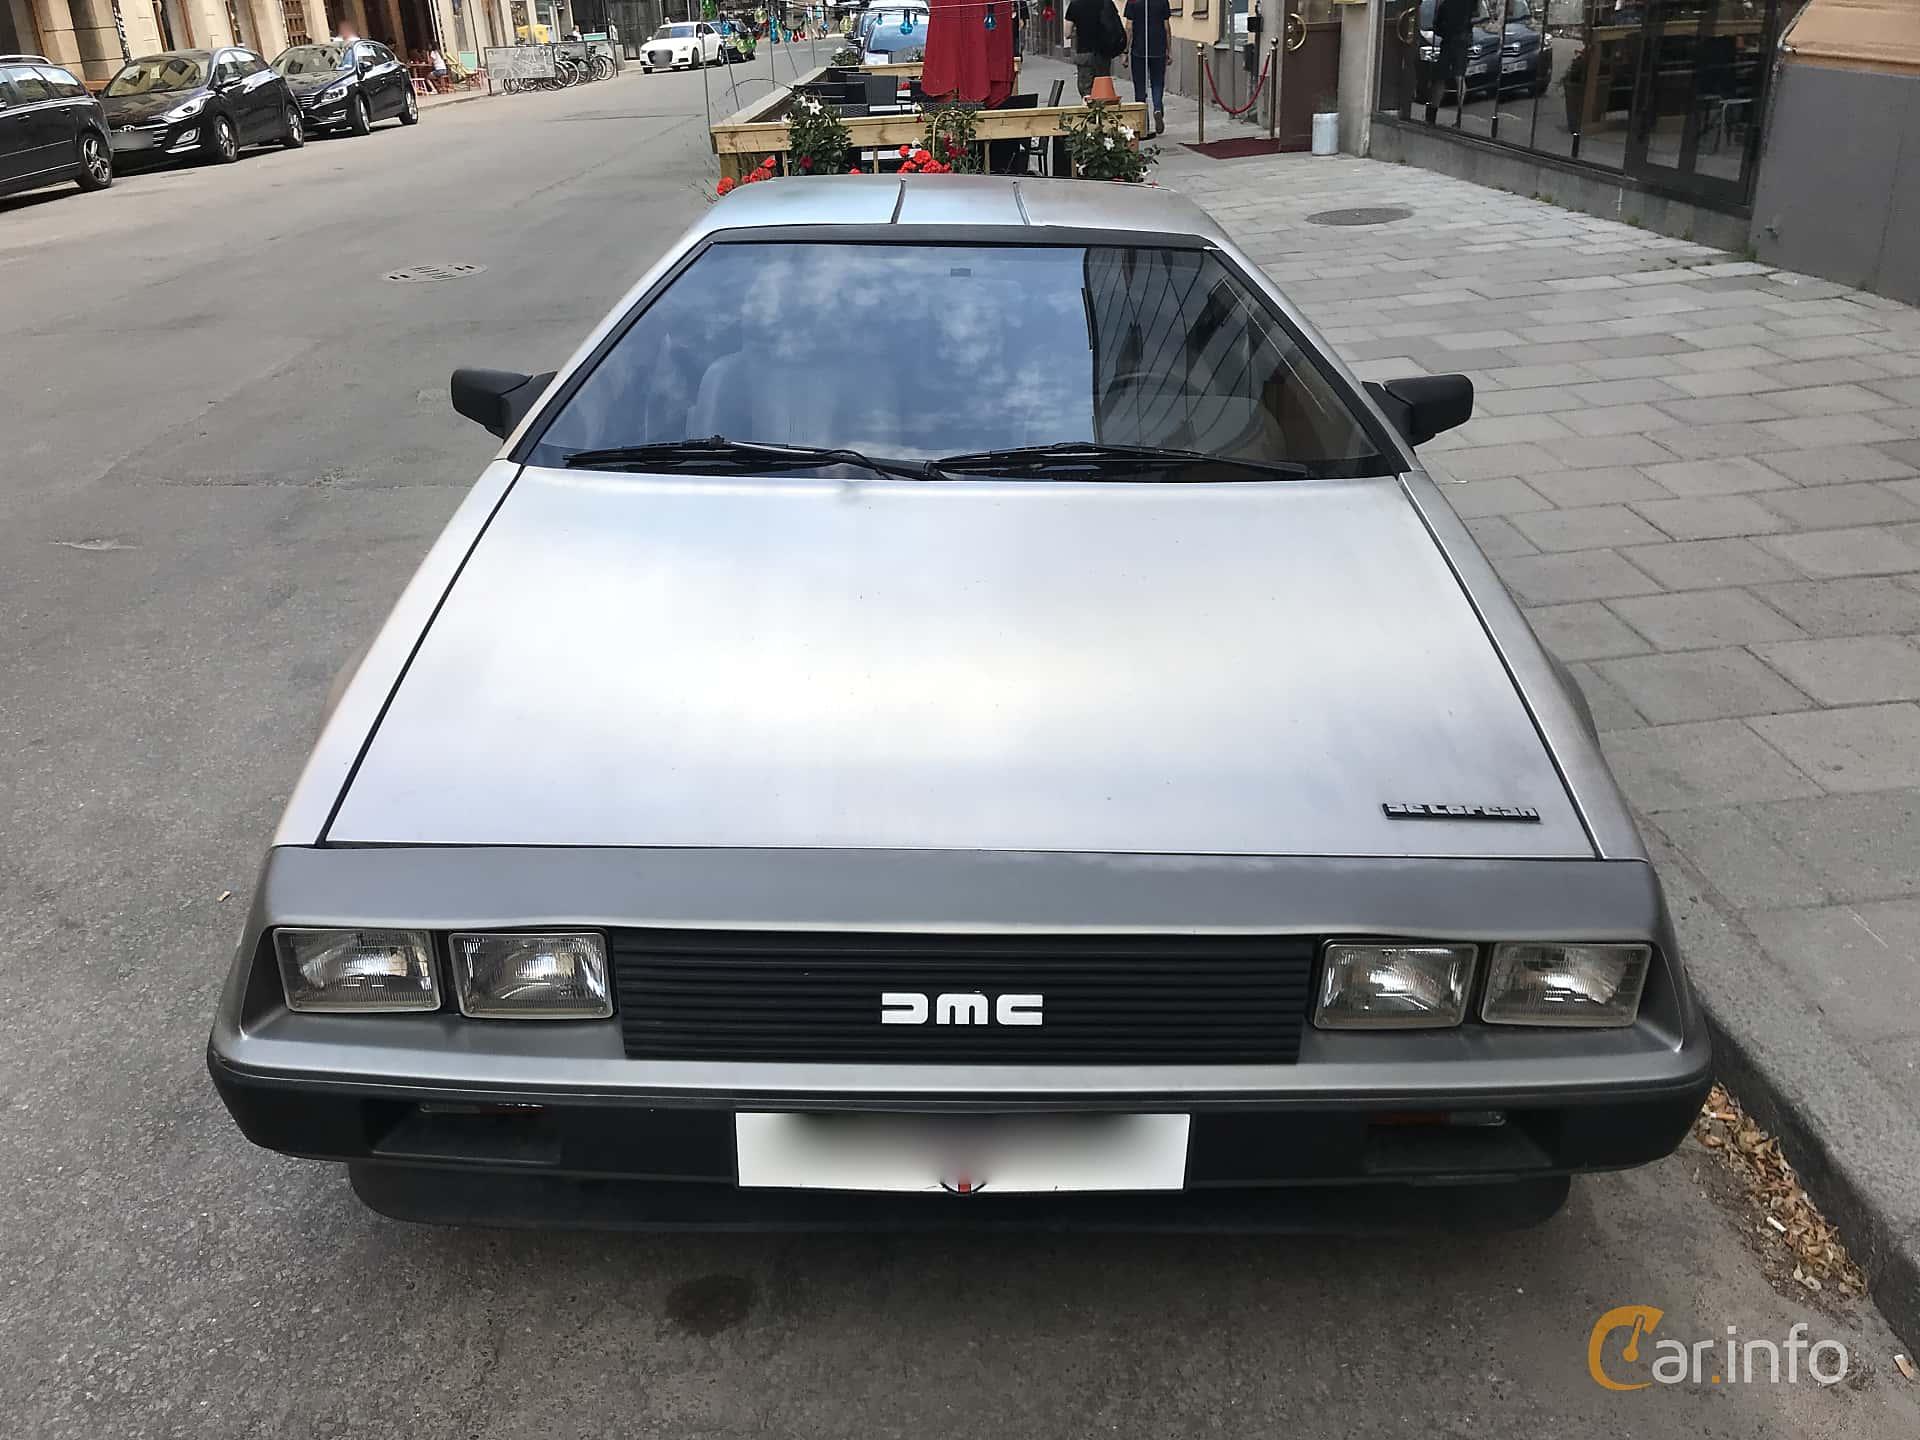 DeLorean DMC-12 2.8 V6 Automatisk, 132hk, 1982